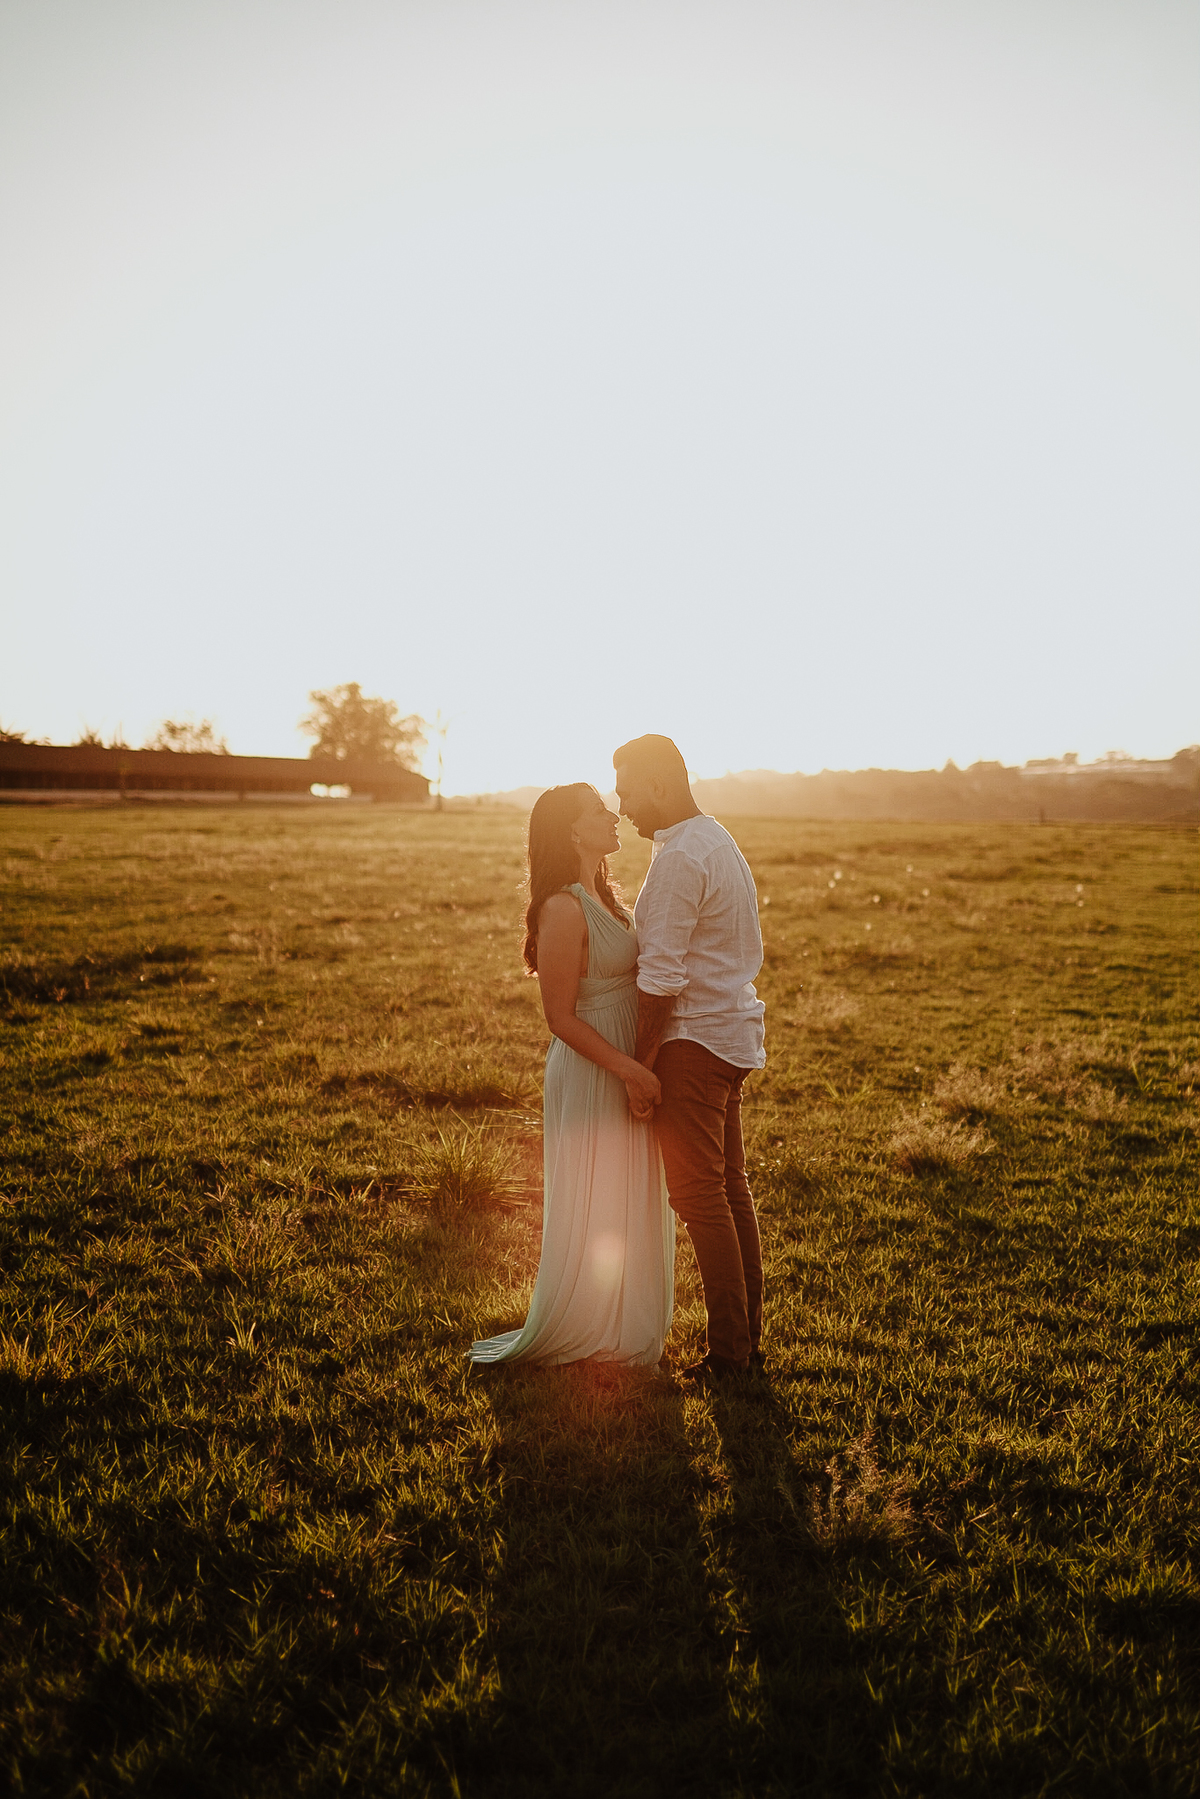 ensaio pre wedding em holambra no por do sol casamentos de dia mini wedding fotos por caio henrique fotografo de casamento ideias de ensaios de casal em holambra